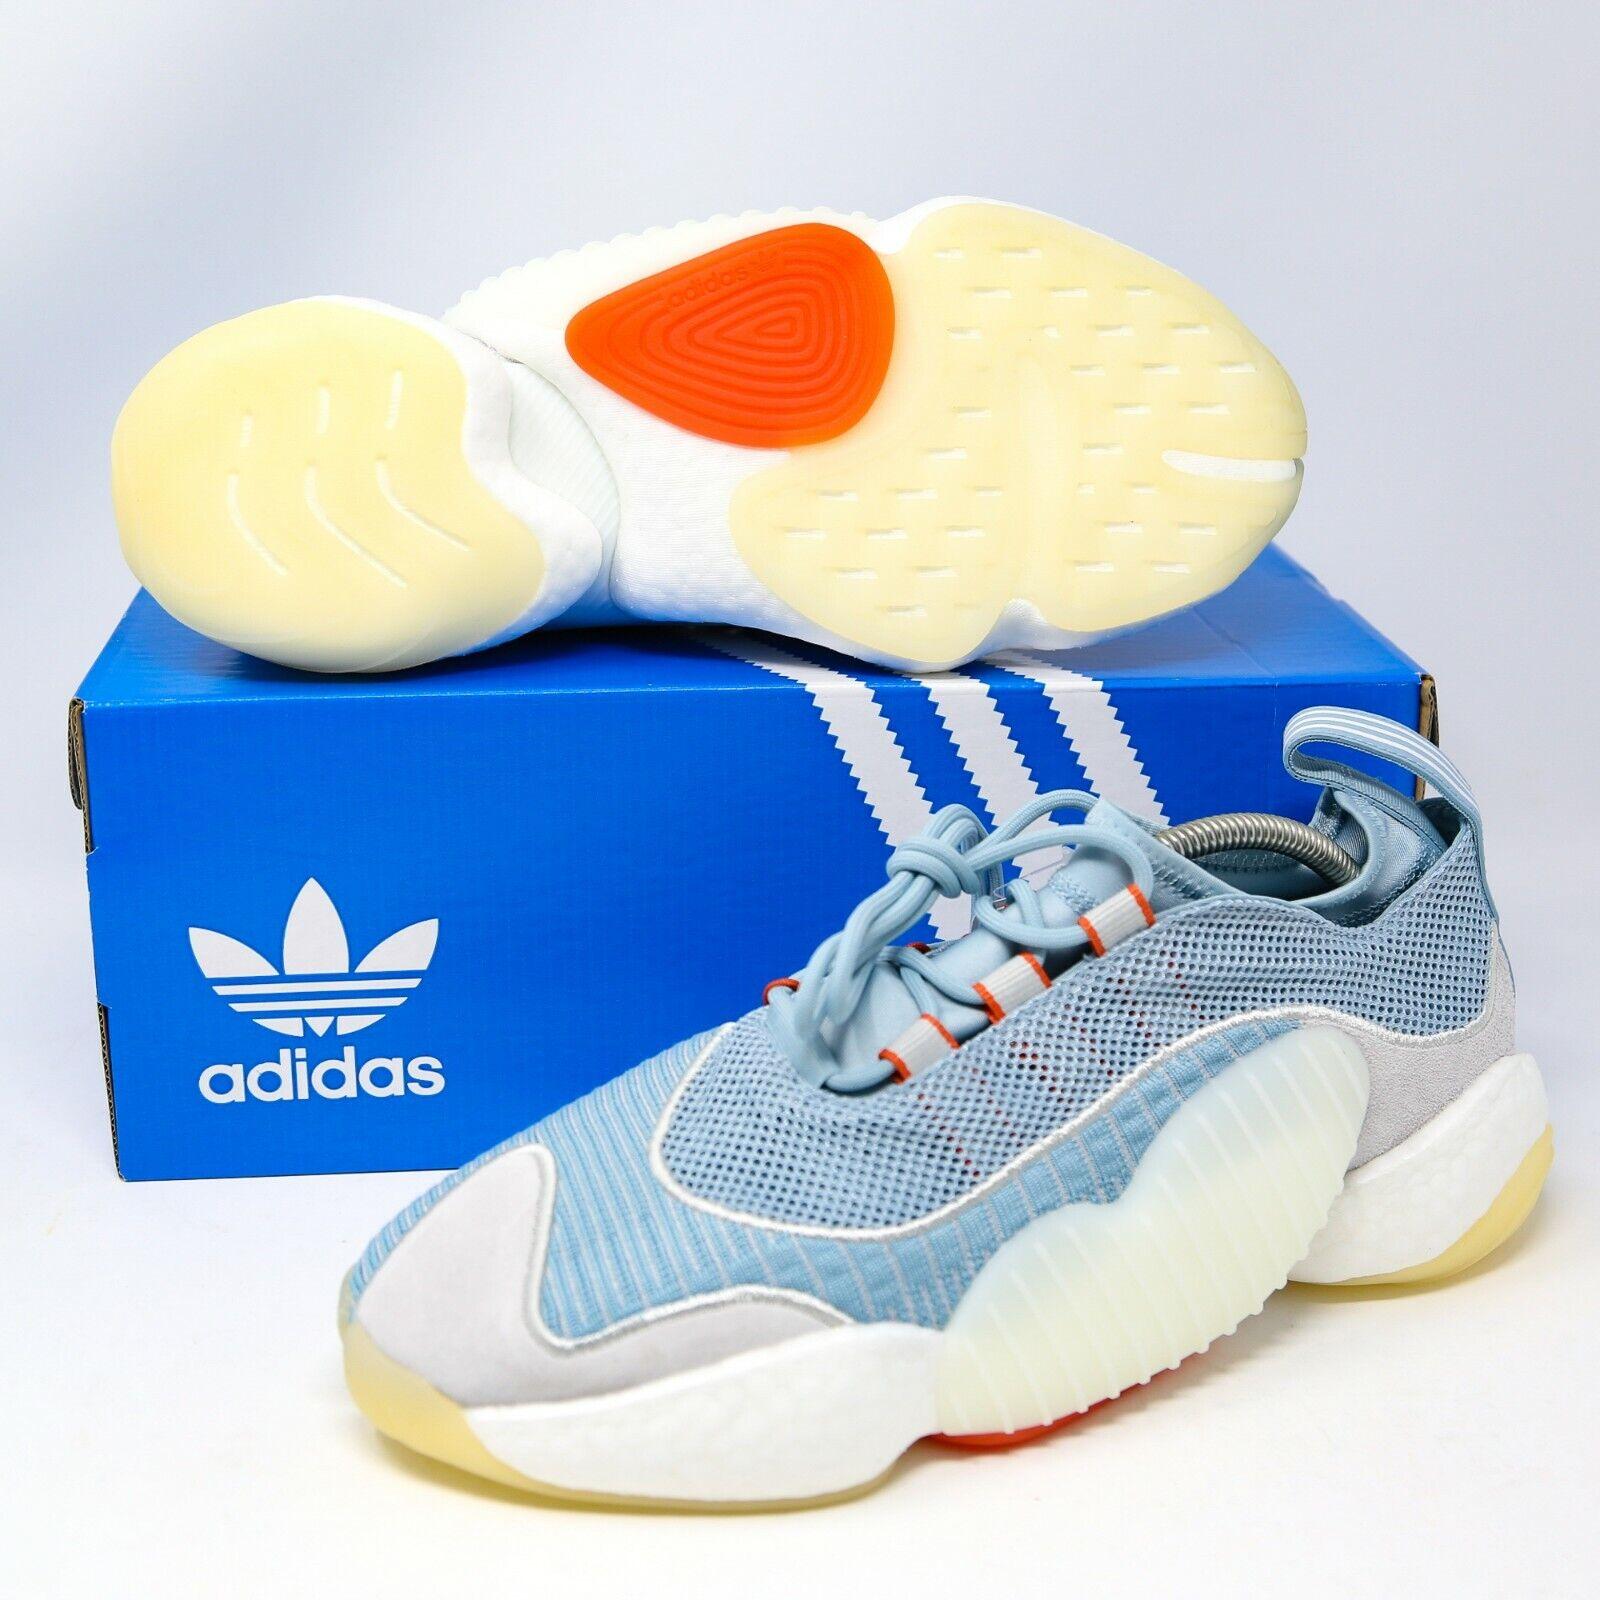 Adidas Verrückt Byw II 2 Aschgrau Hellblau Bernstein Weiß BD7999 Eu 10.5 Eu 44,5